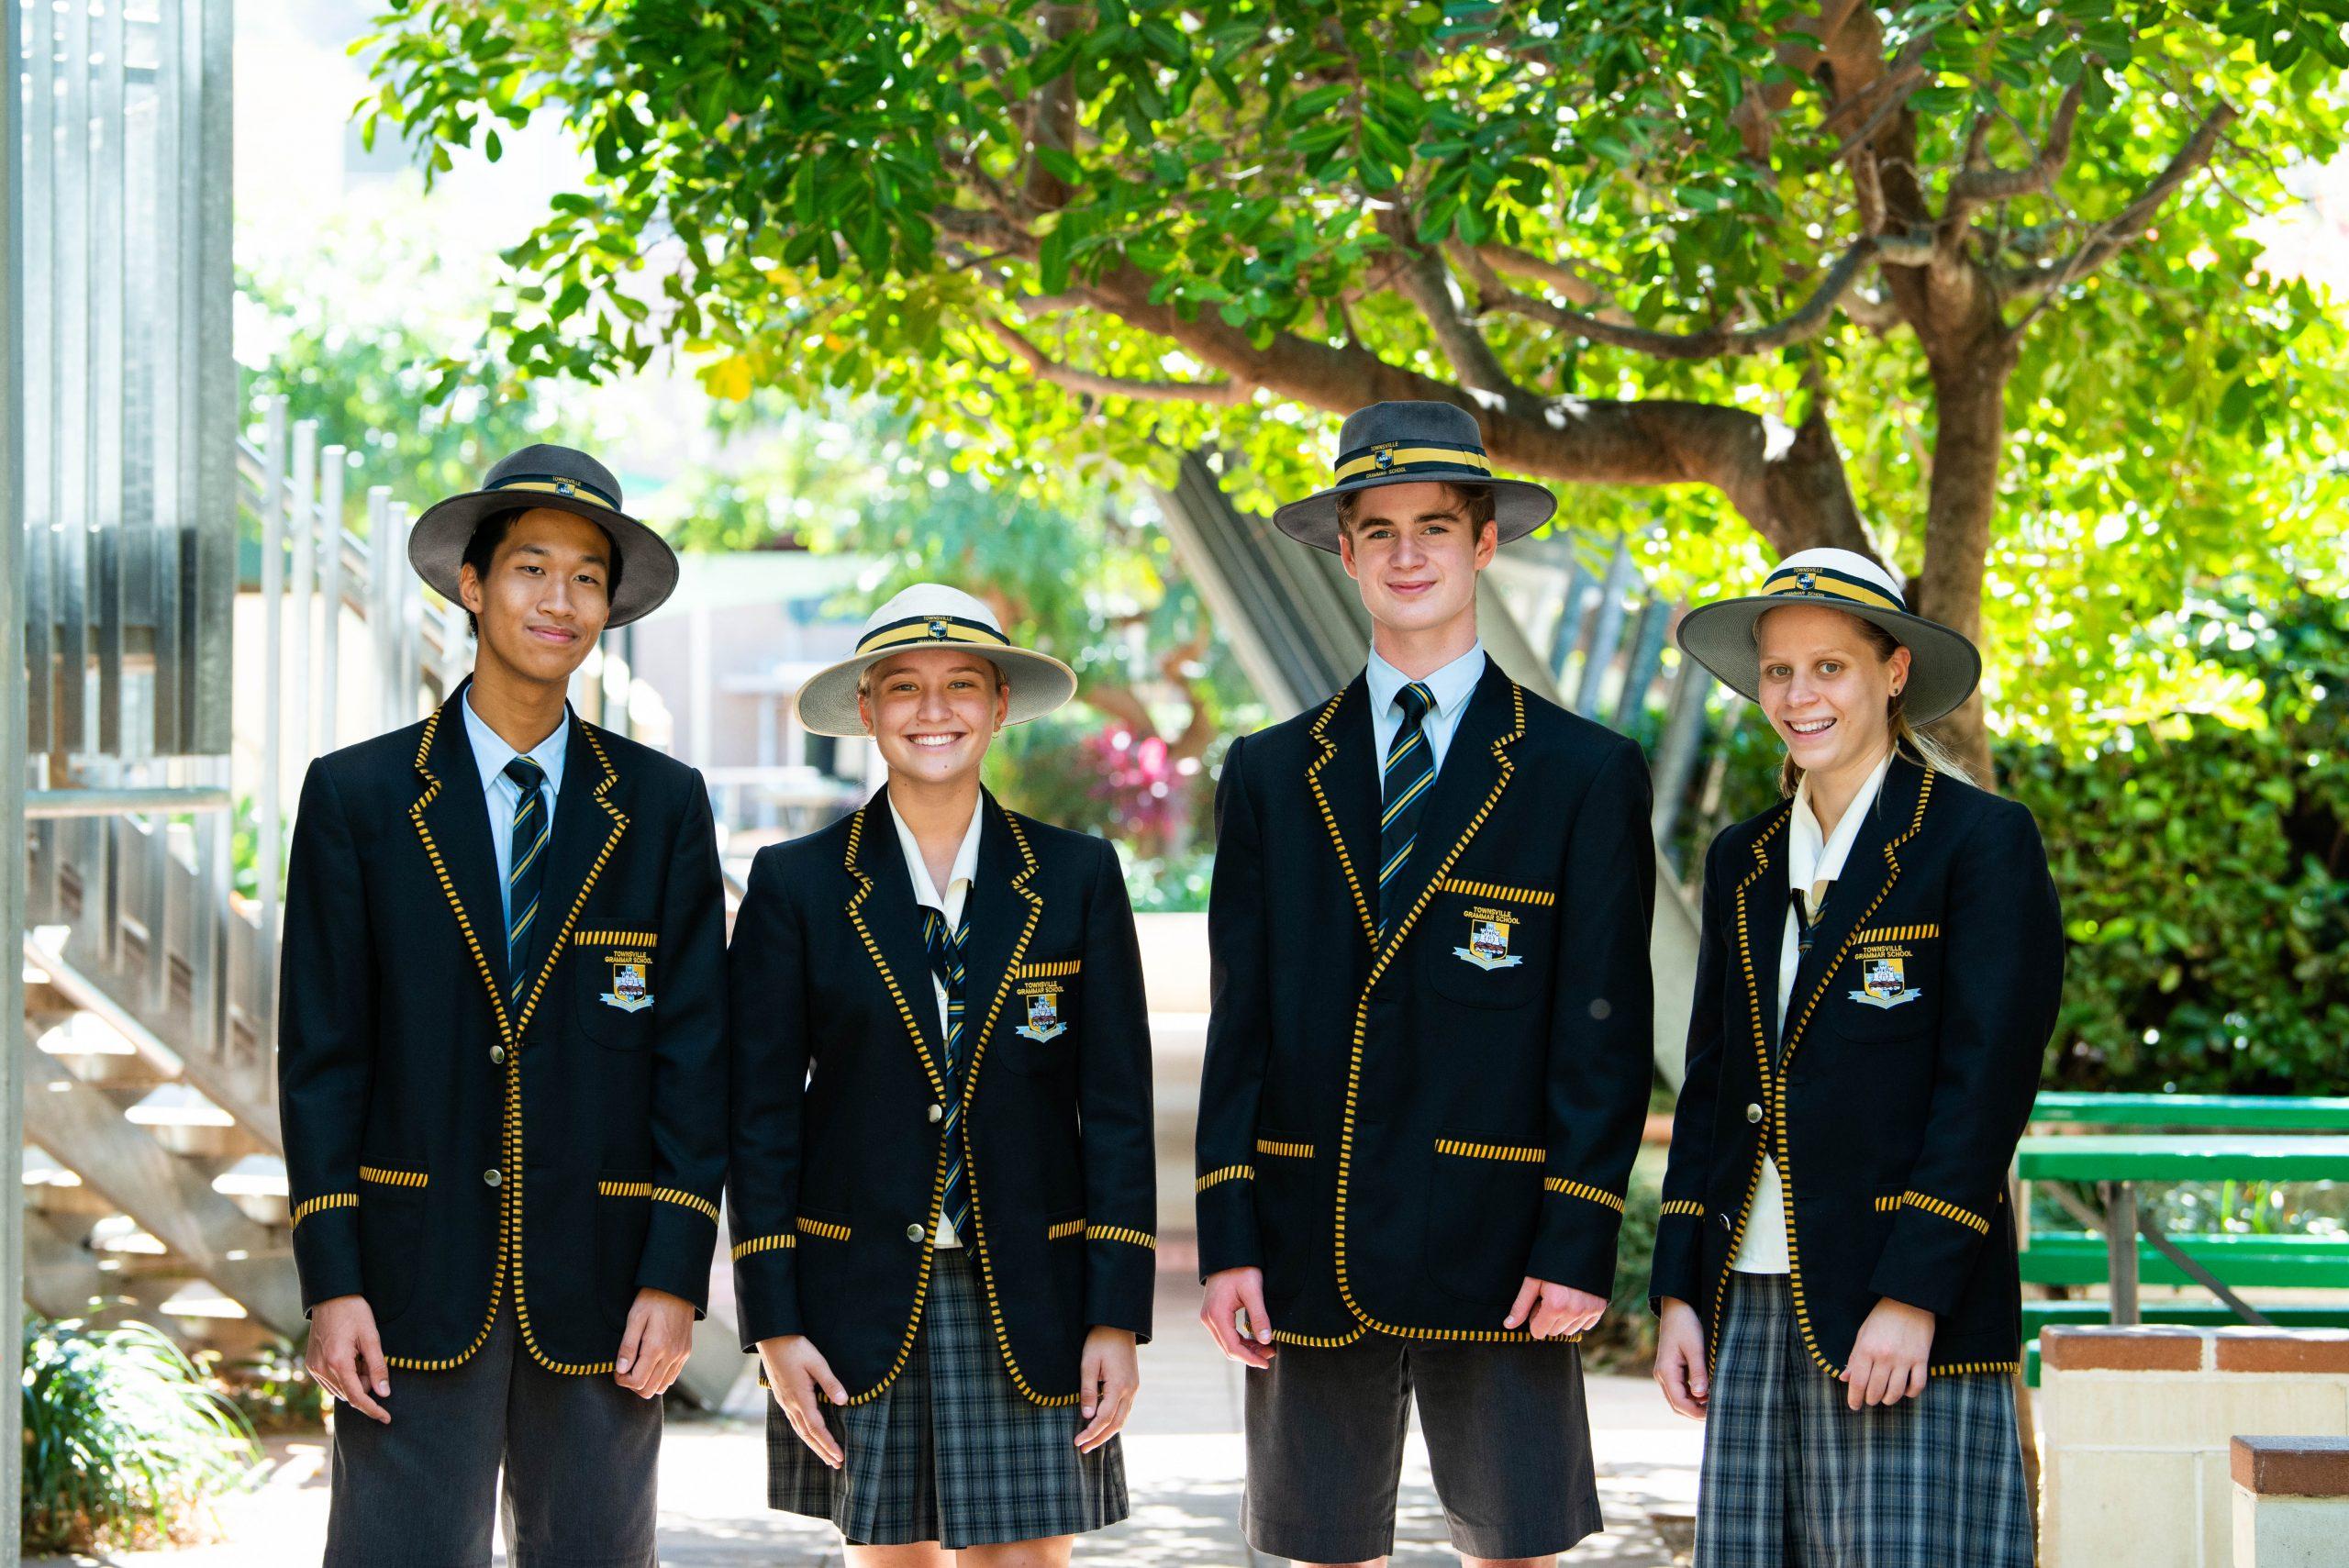 Townsville Grammar School – North Ward Campus (Years 7-12 + Boarding)